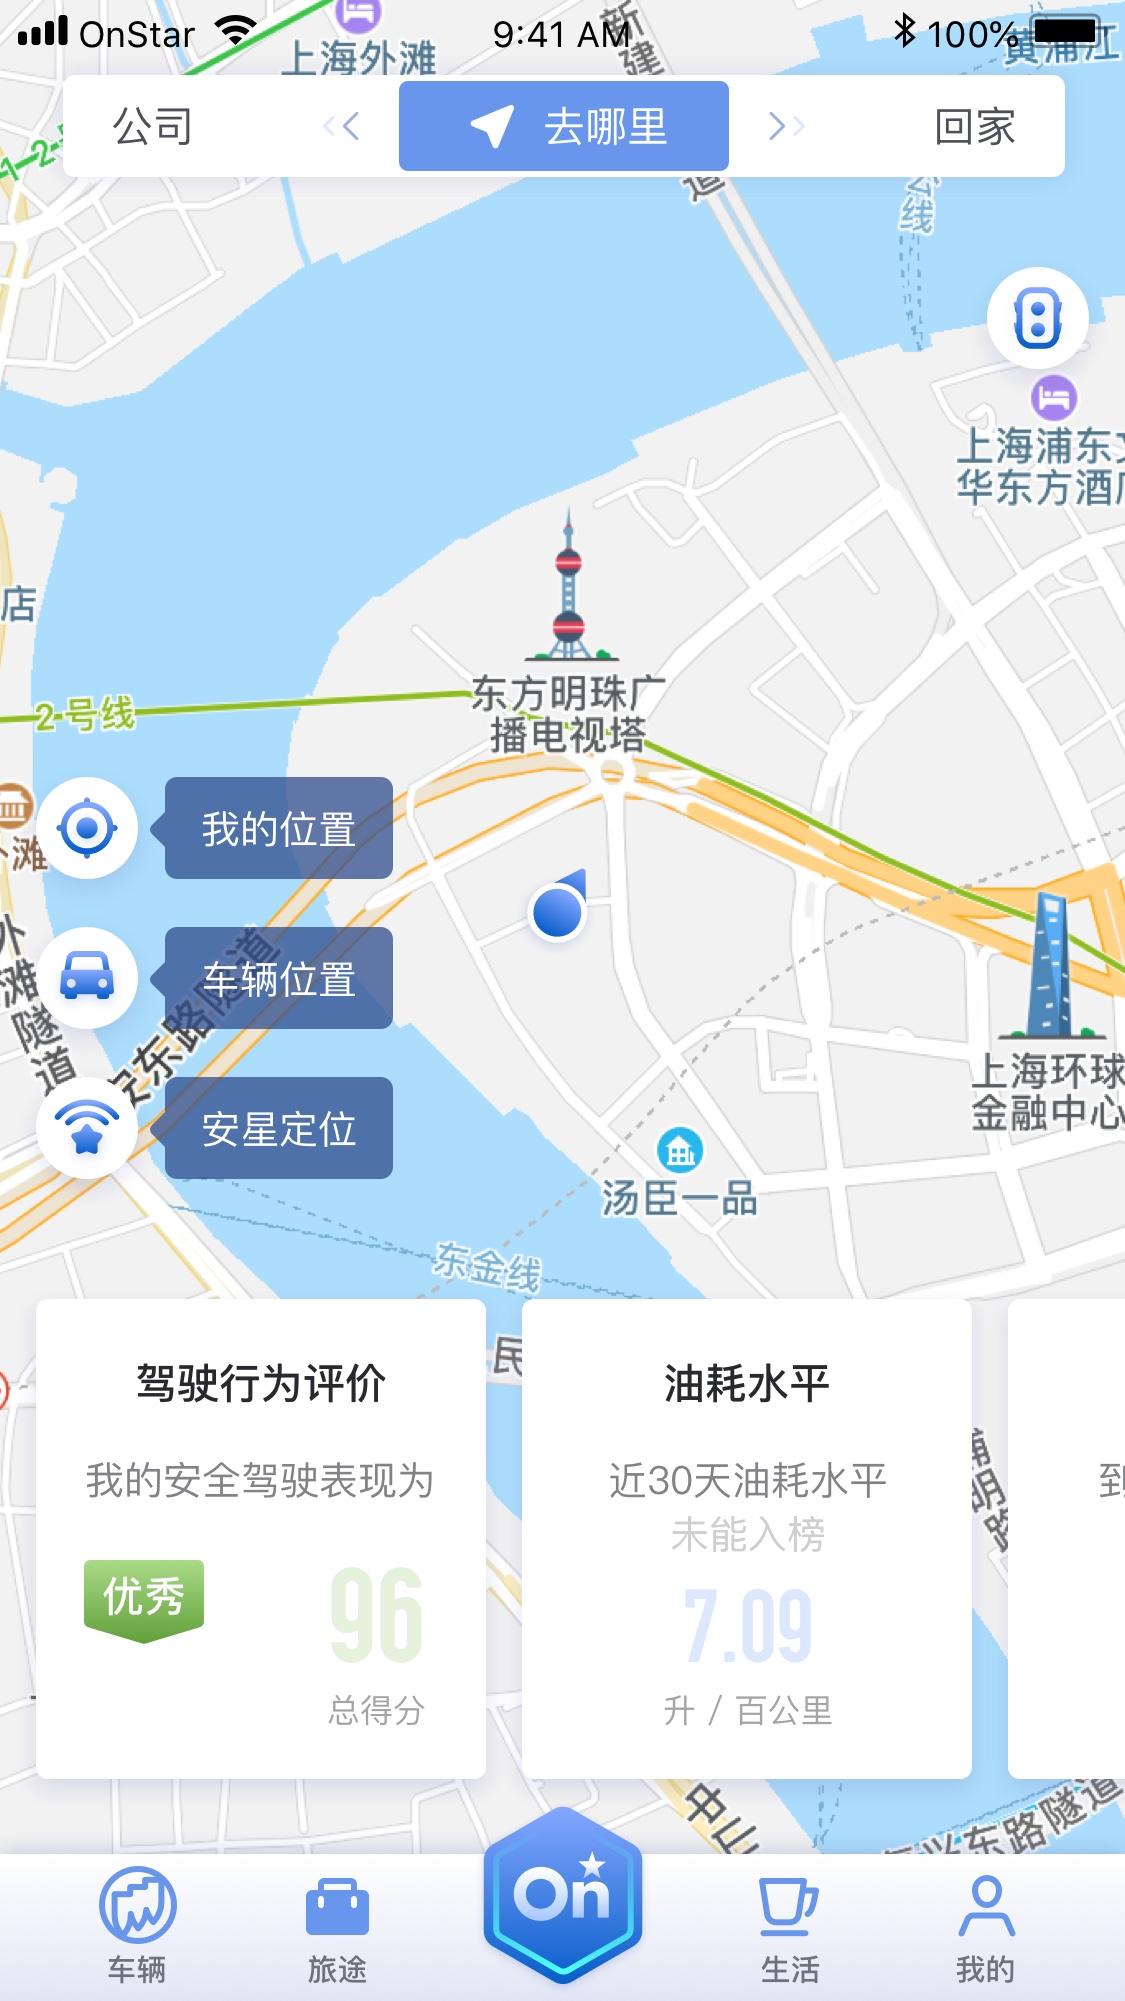 安吉星_安吉星下载2019安卓最新版_手机app官方版免费安装下载_豌豆荚